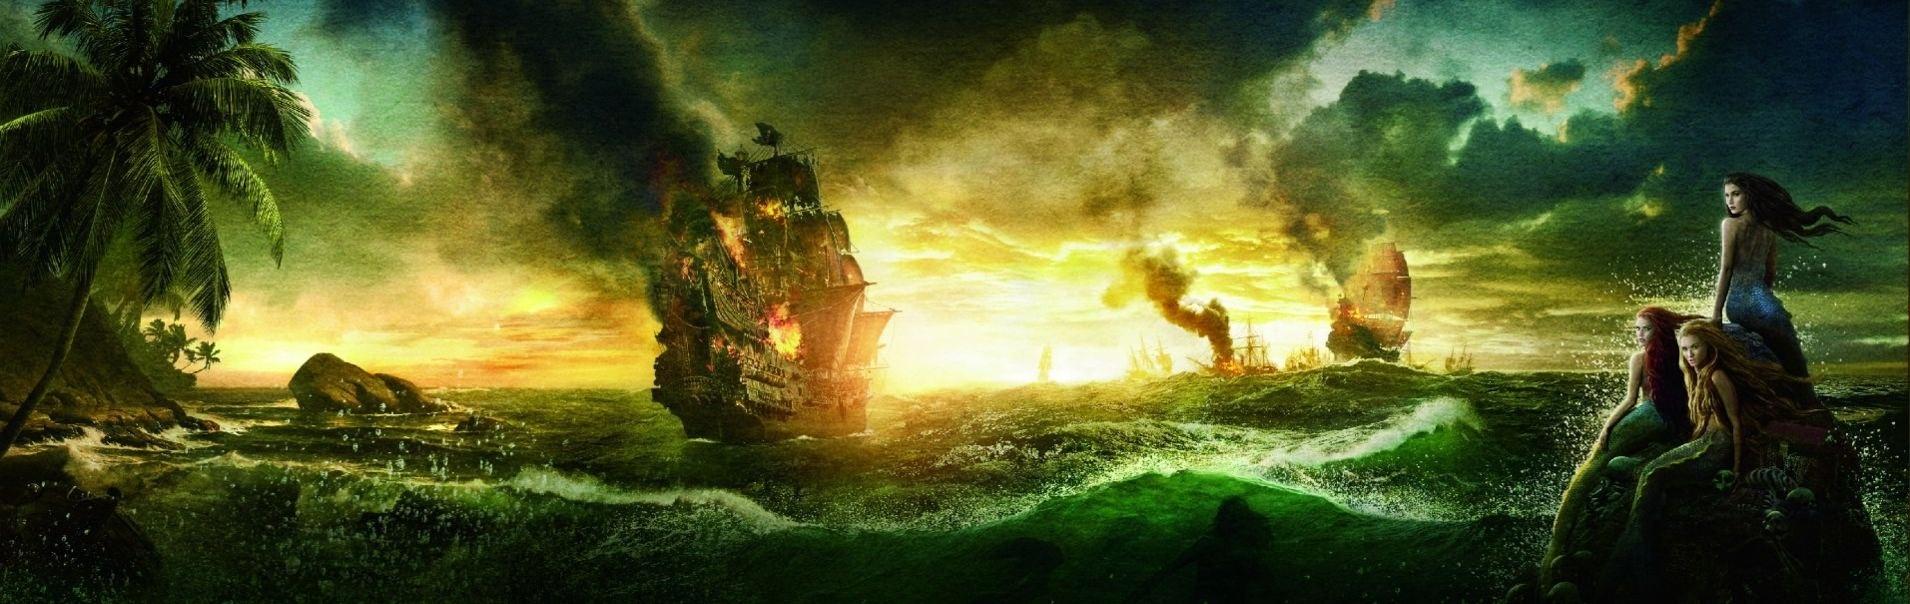 Pirates_4_banner_wide2.jpg